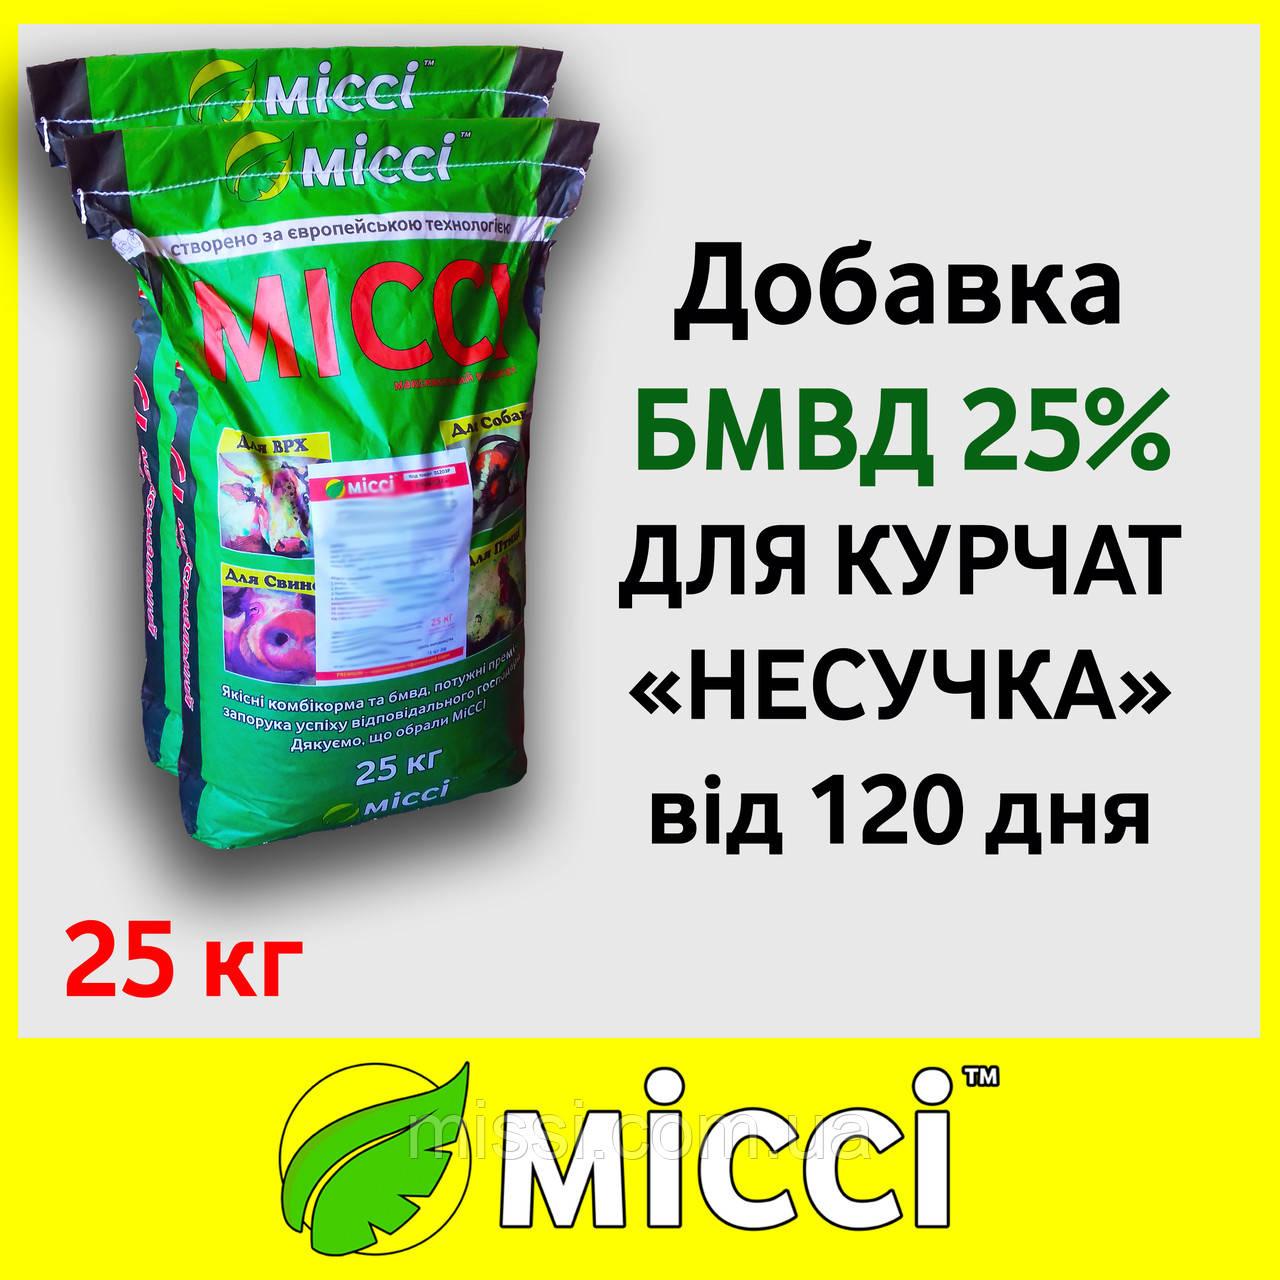 Добавка БМВД 25% КУРКА НЕСУЧКА (мешок 25 кг), Міссі